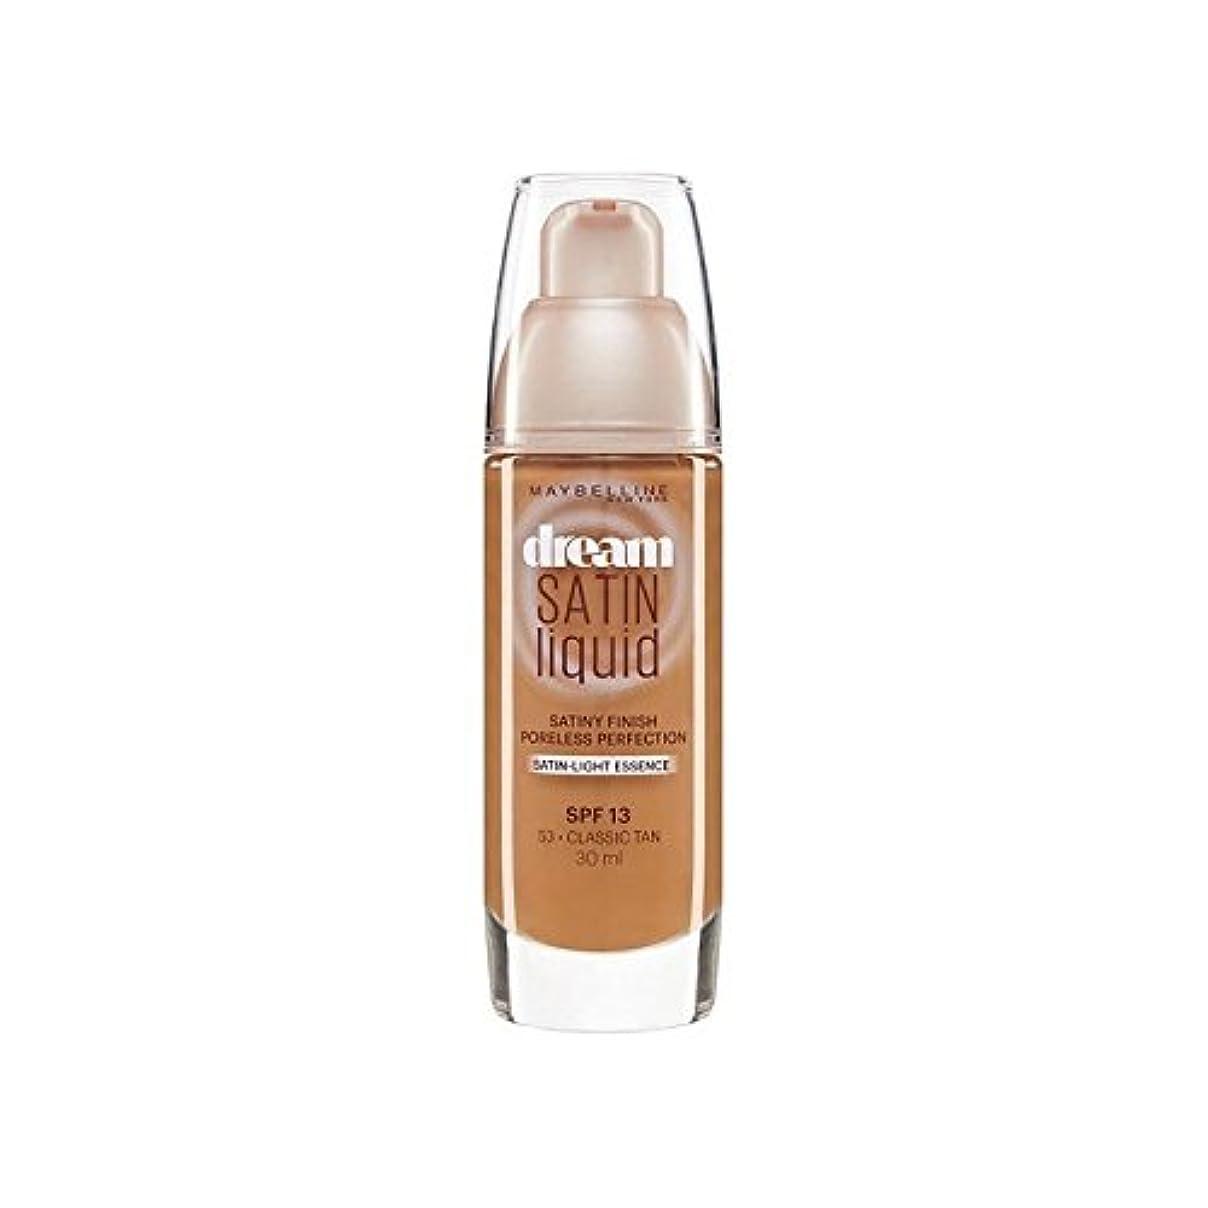 上げる専制旋律的Maybelline Dream Satin Liquid Foundation 53 Classic Tan 30ml - メイベリン夢サテンリキッドファンデーション53古典的な日焼け30ミリリットル [並行輸入品]